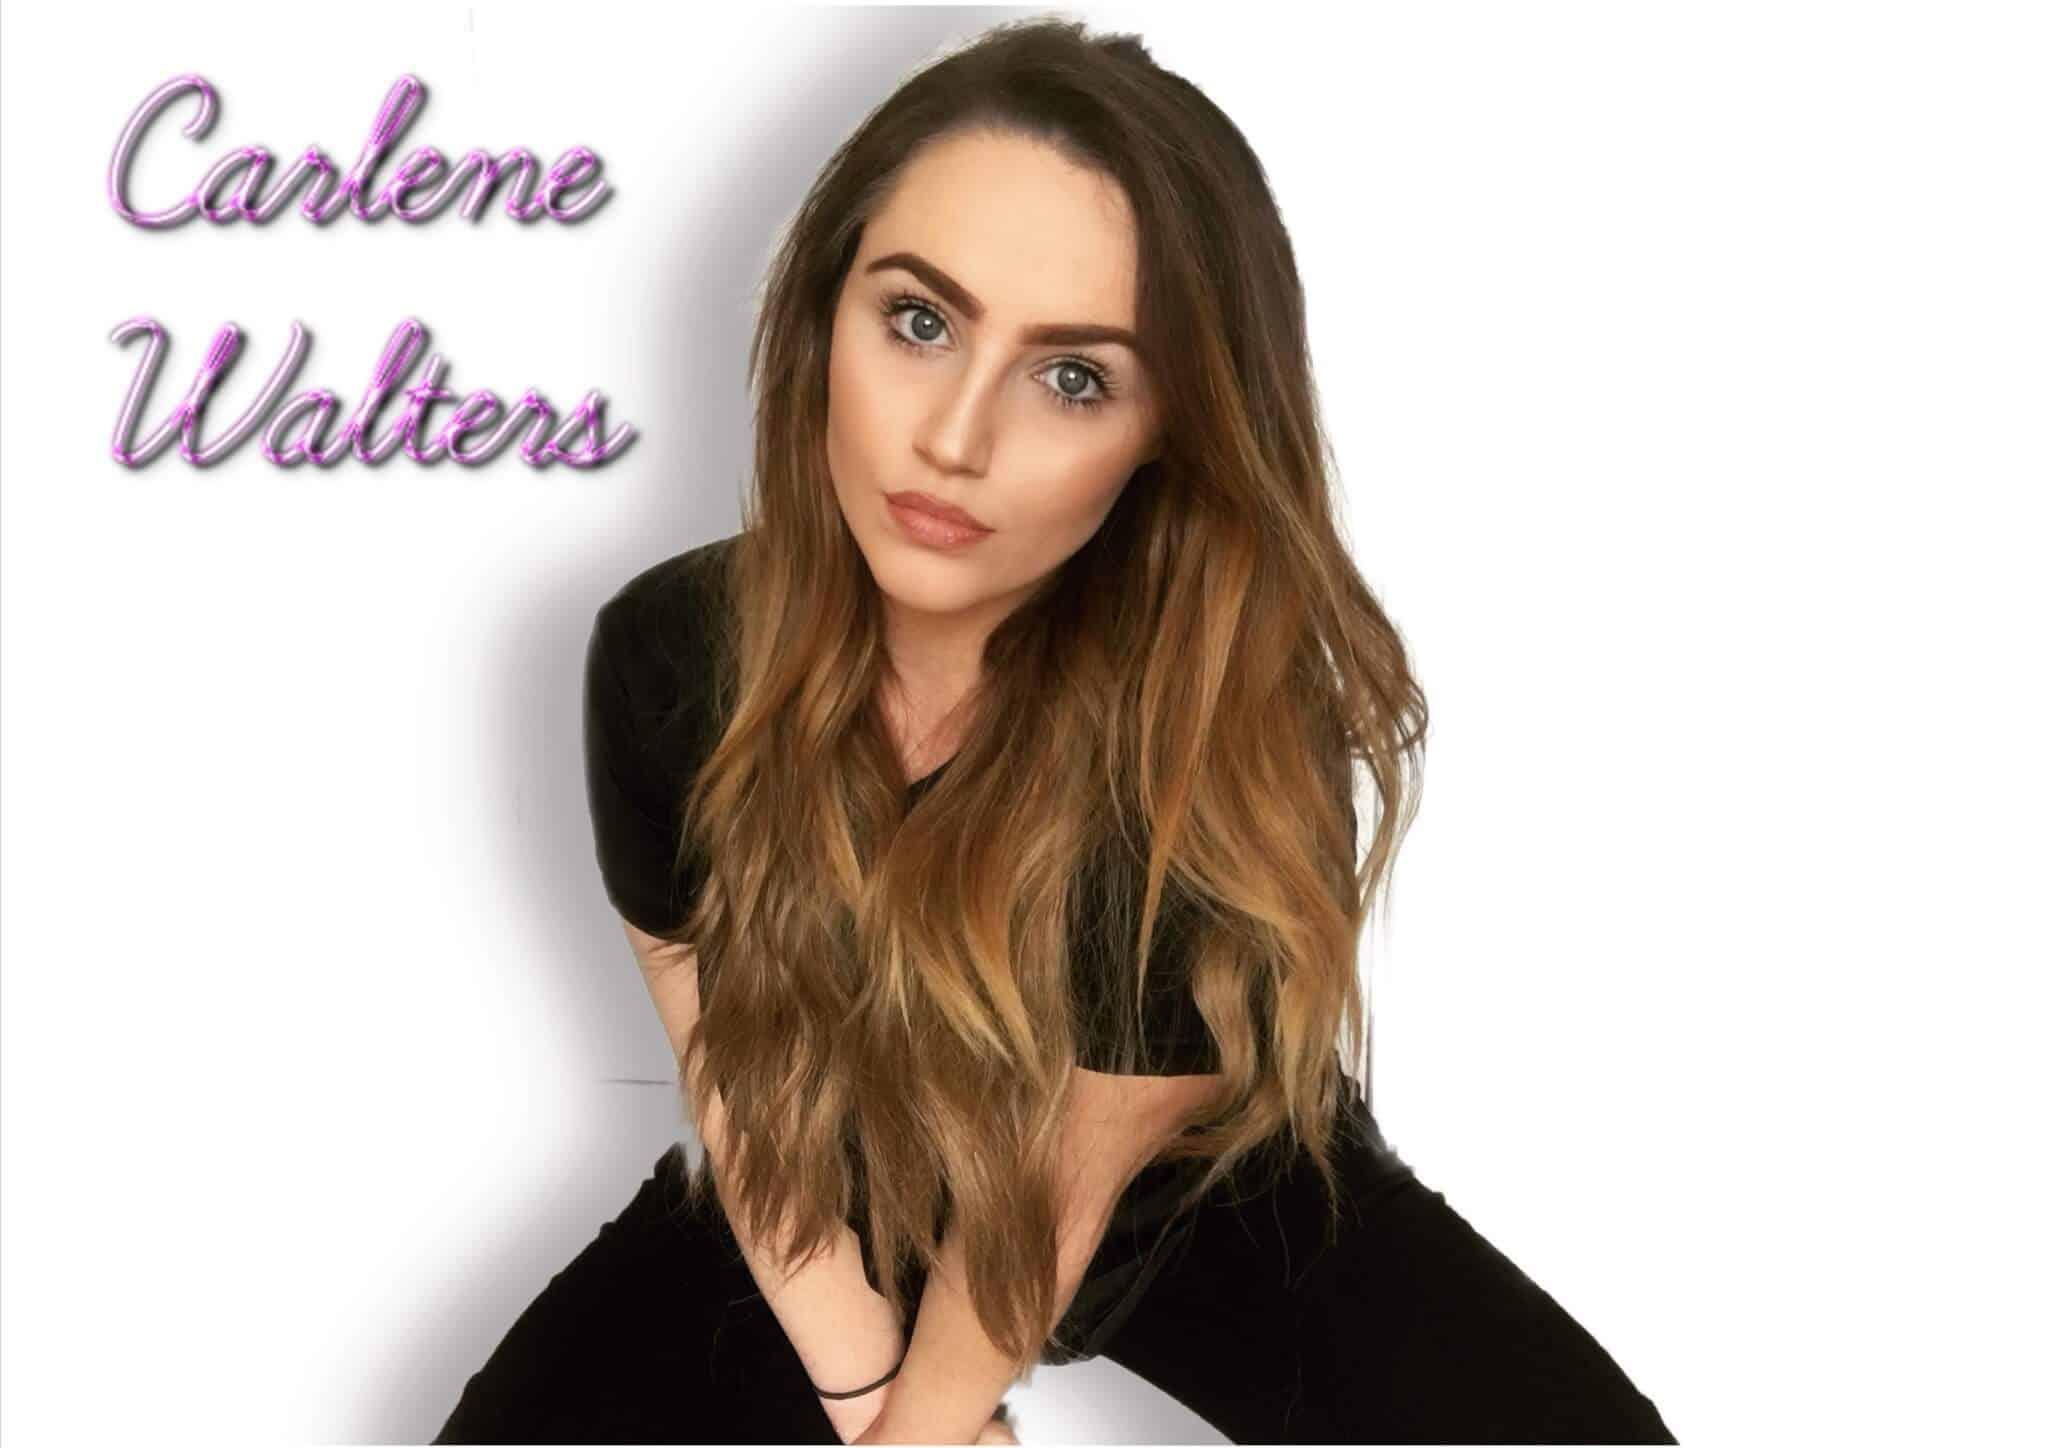 Carlene Walters w name